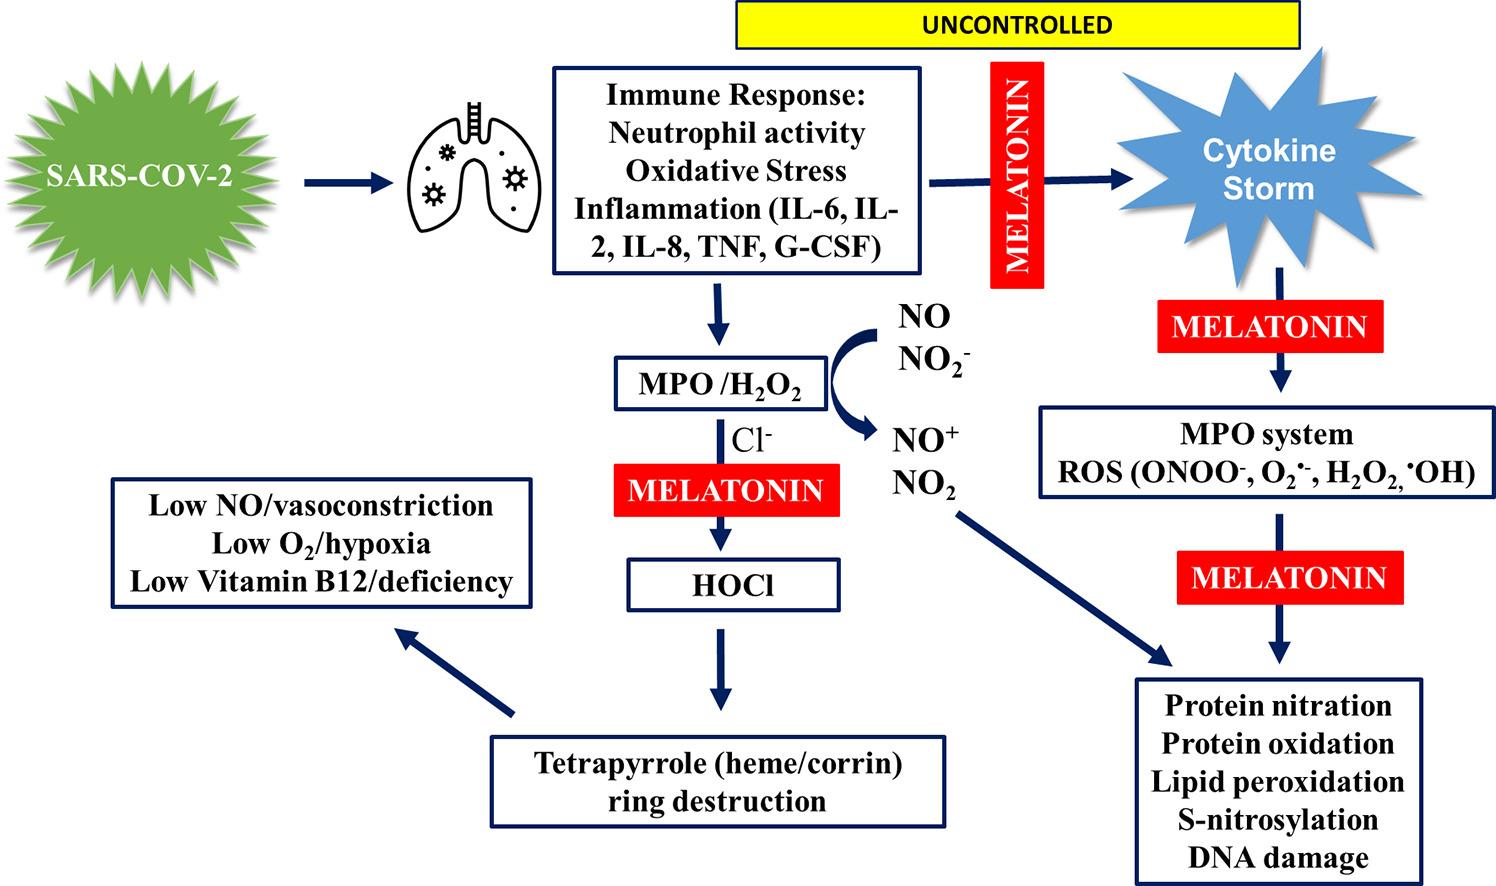 Предлагаемый путь инфекции SC0V2, связанный с неконтролируемым иммунным ответом и цитокиновым штормом, генерирующим MPO и ROS, приводящий к снижению NO и вазоконстрикции, снижению O 2 и гипоксии, а также дефициту витамина B12 за счет разрушения тетрапиррольного кольца и профилактике мелатонином .